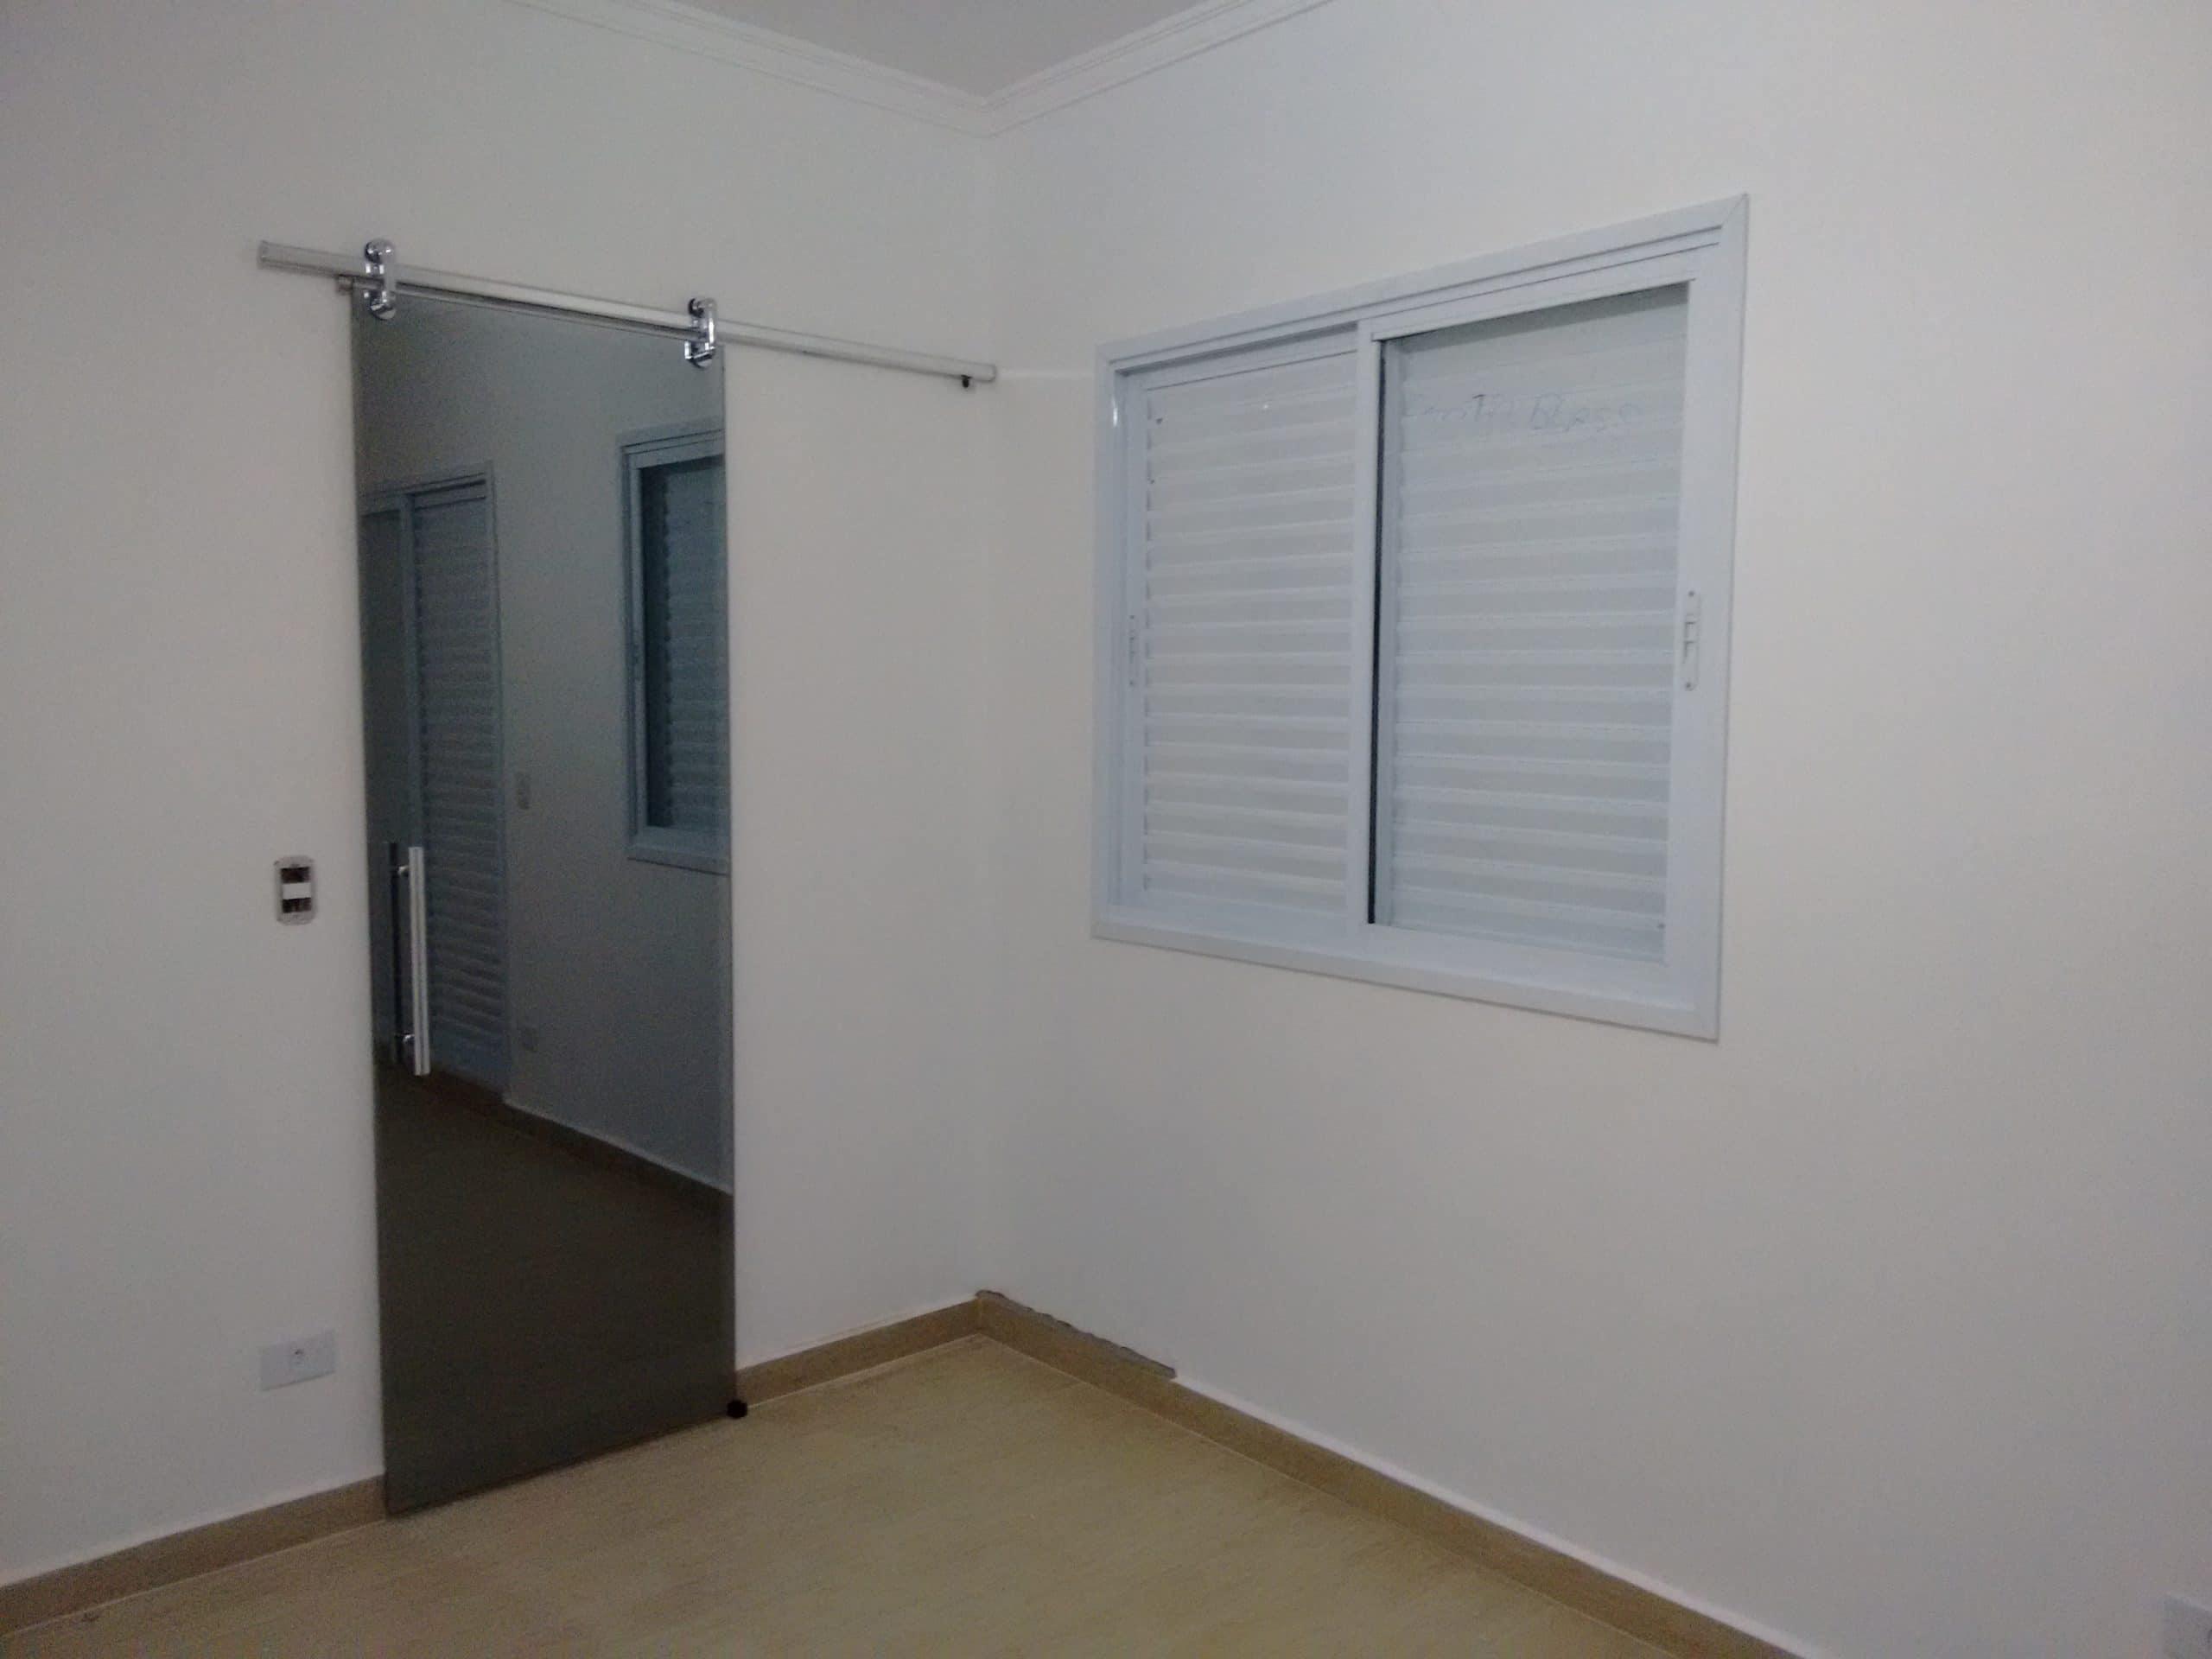 #5F4F3B de sua casa para projetos maiores em janelas e portas de alumínio  1140 Portas E Janelas De Aluminio Sob Medidas